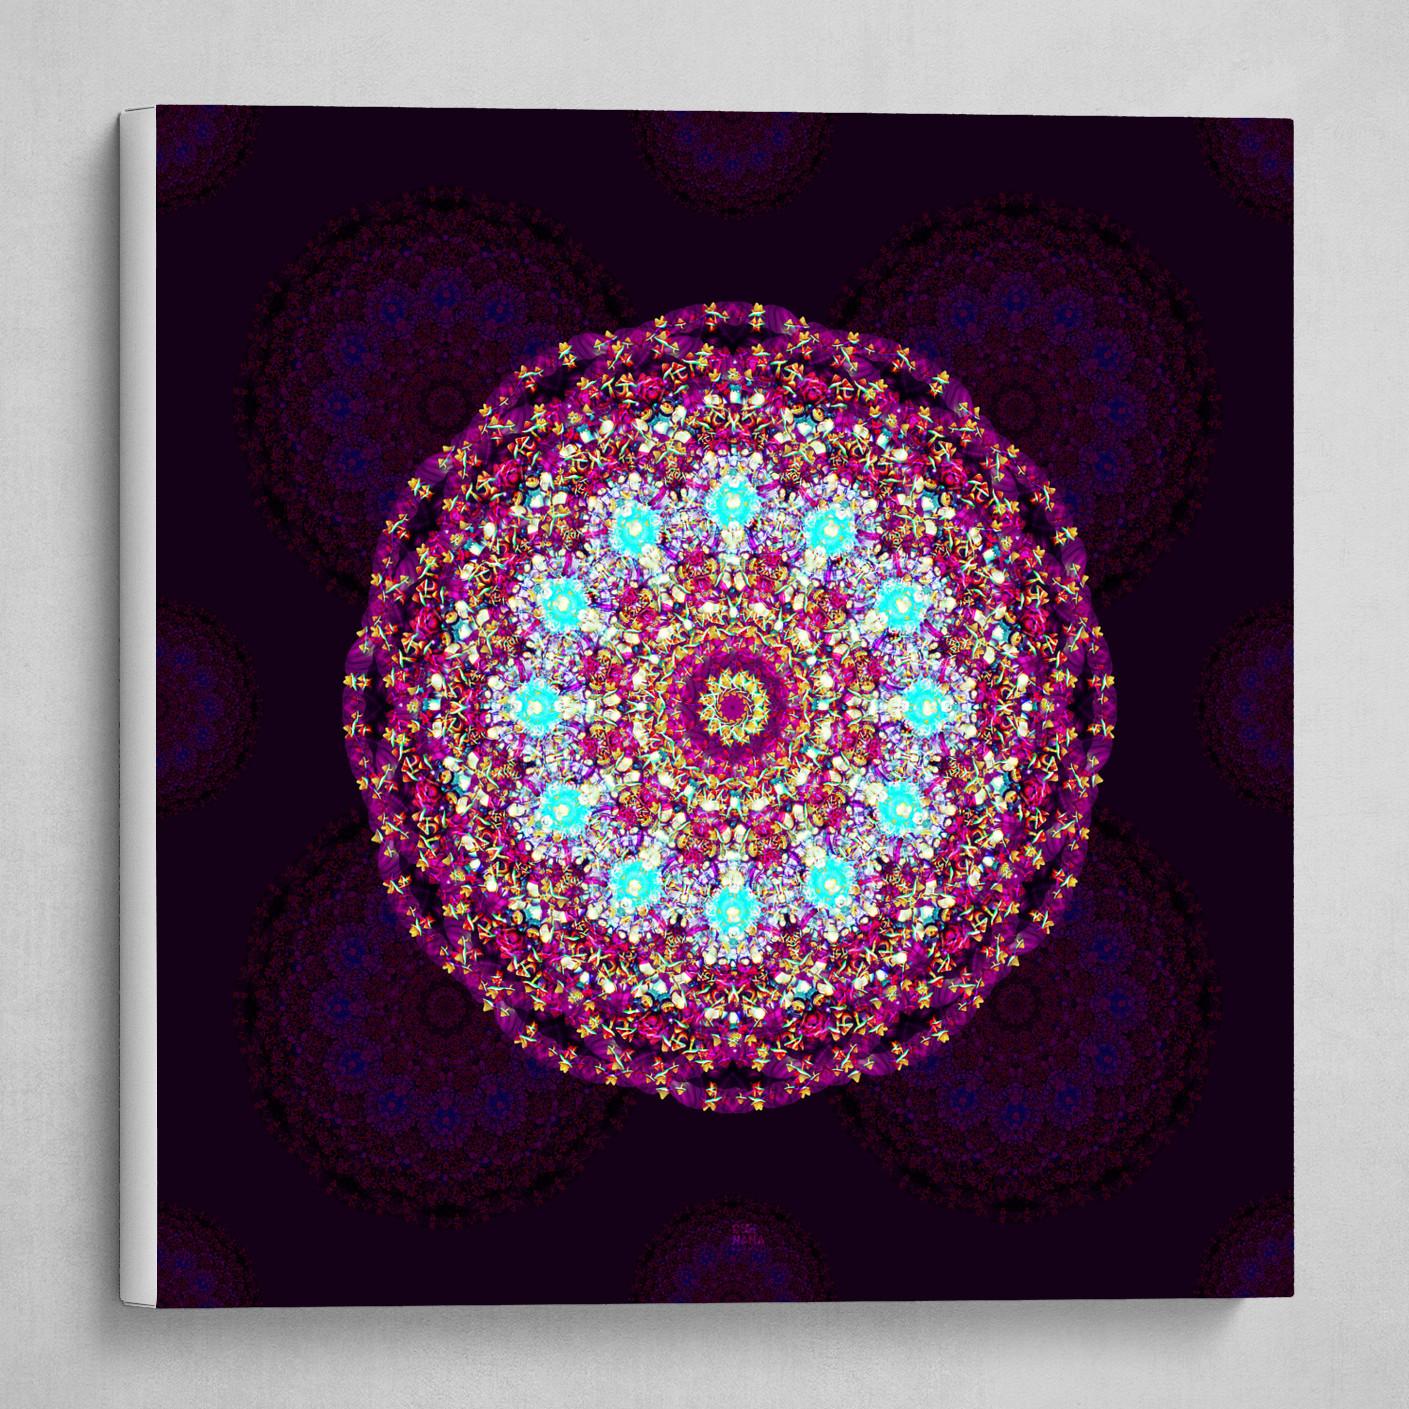 Mandala 2.0 background (square)